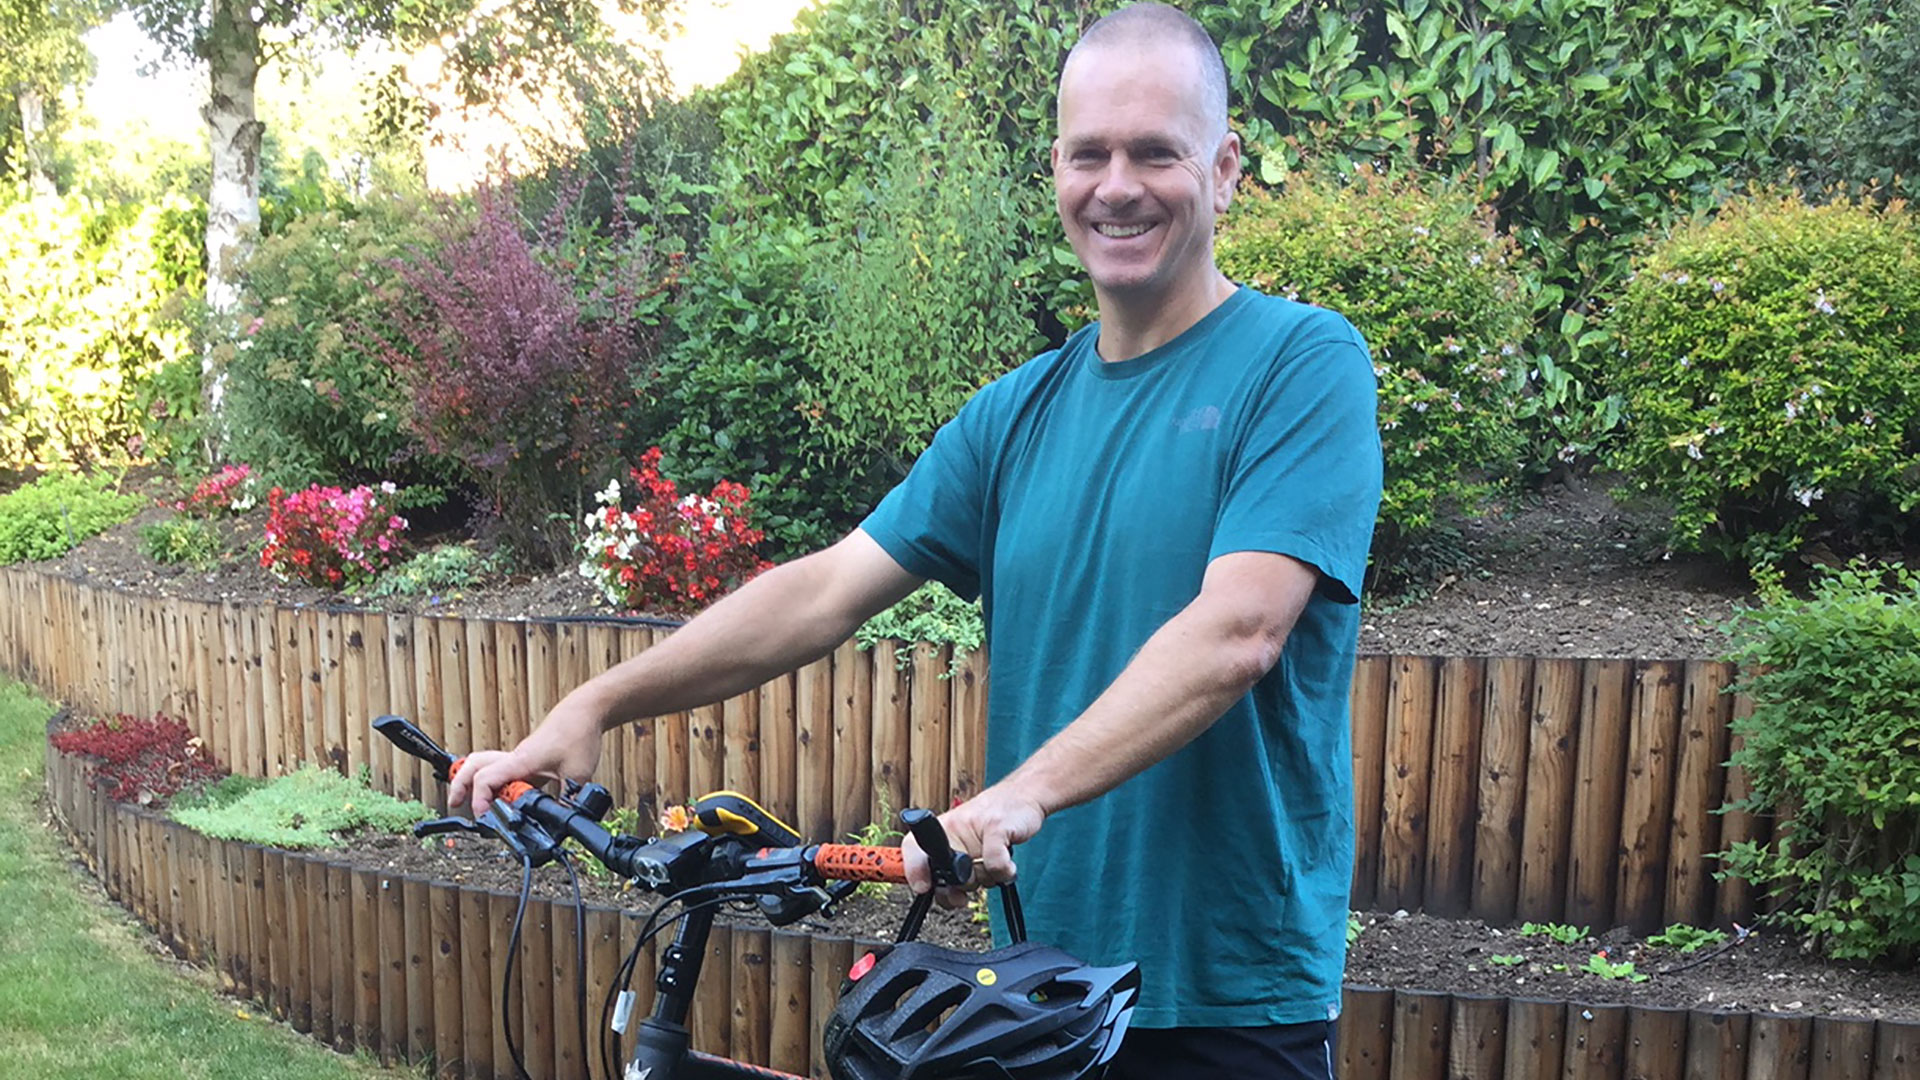 Exeter duo raises £1,000 cycling Tour de Devon